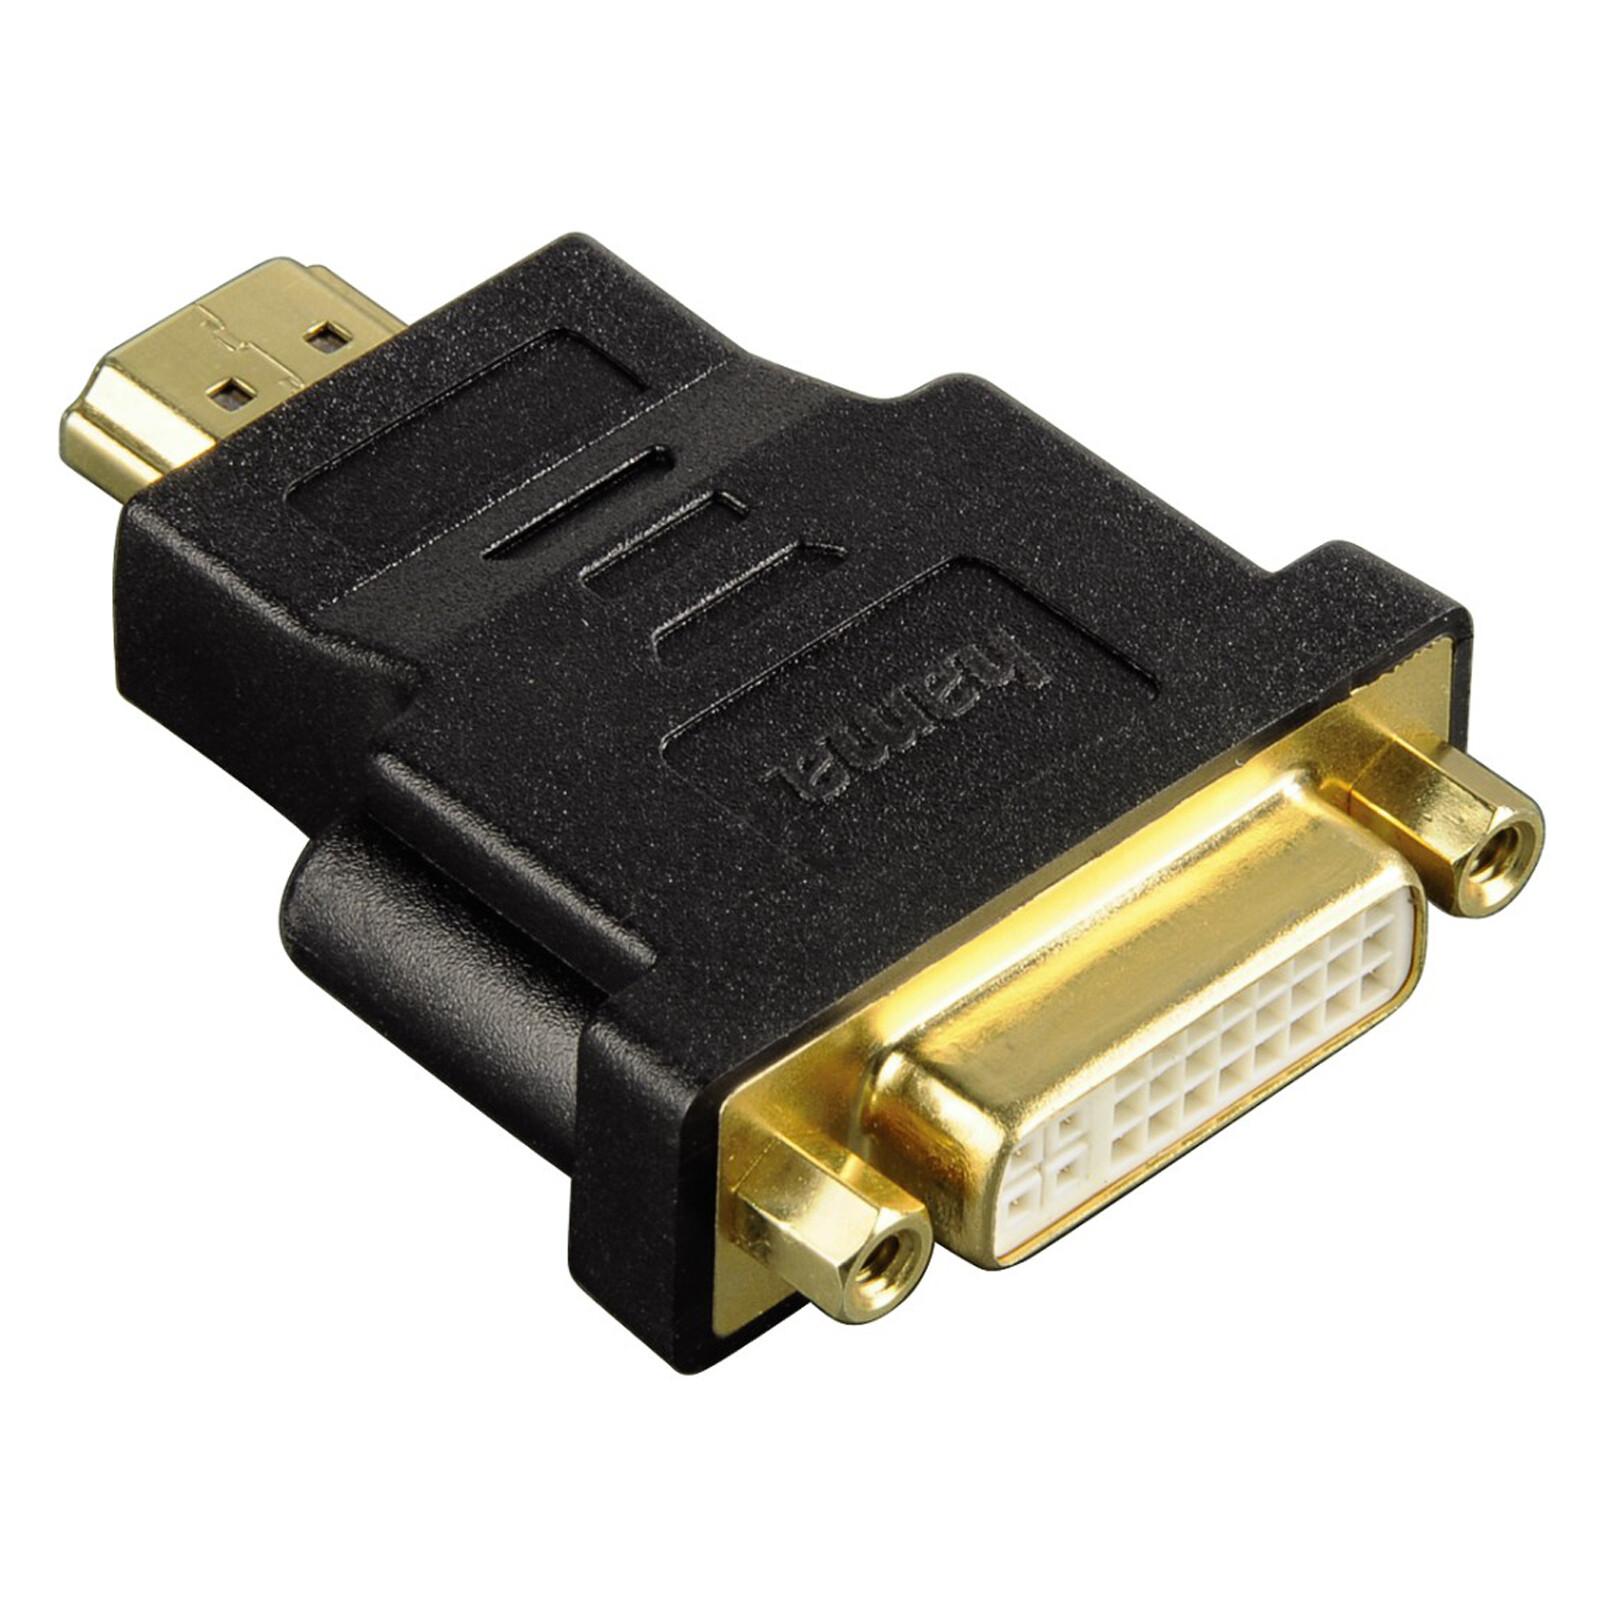 Hama 34036 HDMI Adapter Stecker DVI-D Kupplung schwarz